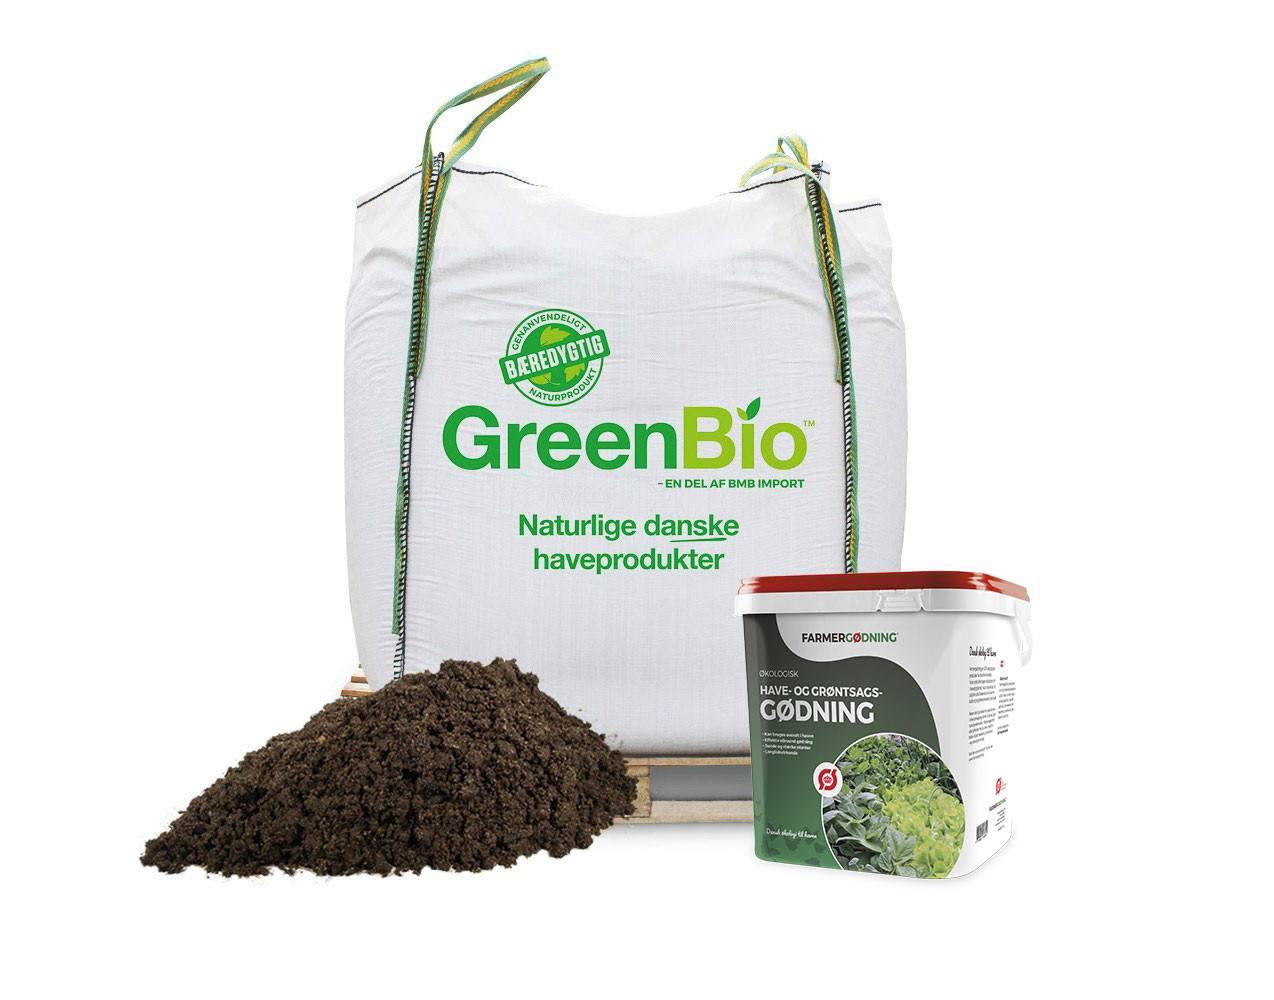 GreenBio Drivhusmuld - til økologisk dyrkning og 5 liter have- og grøntsagsgødning